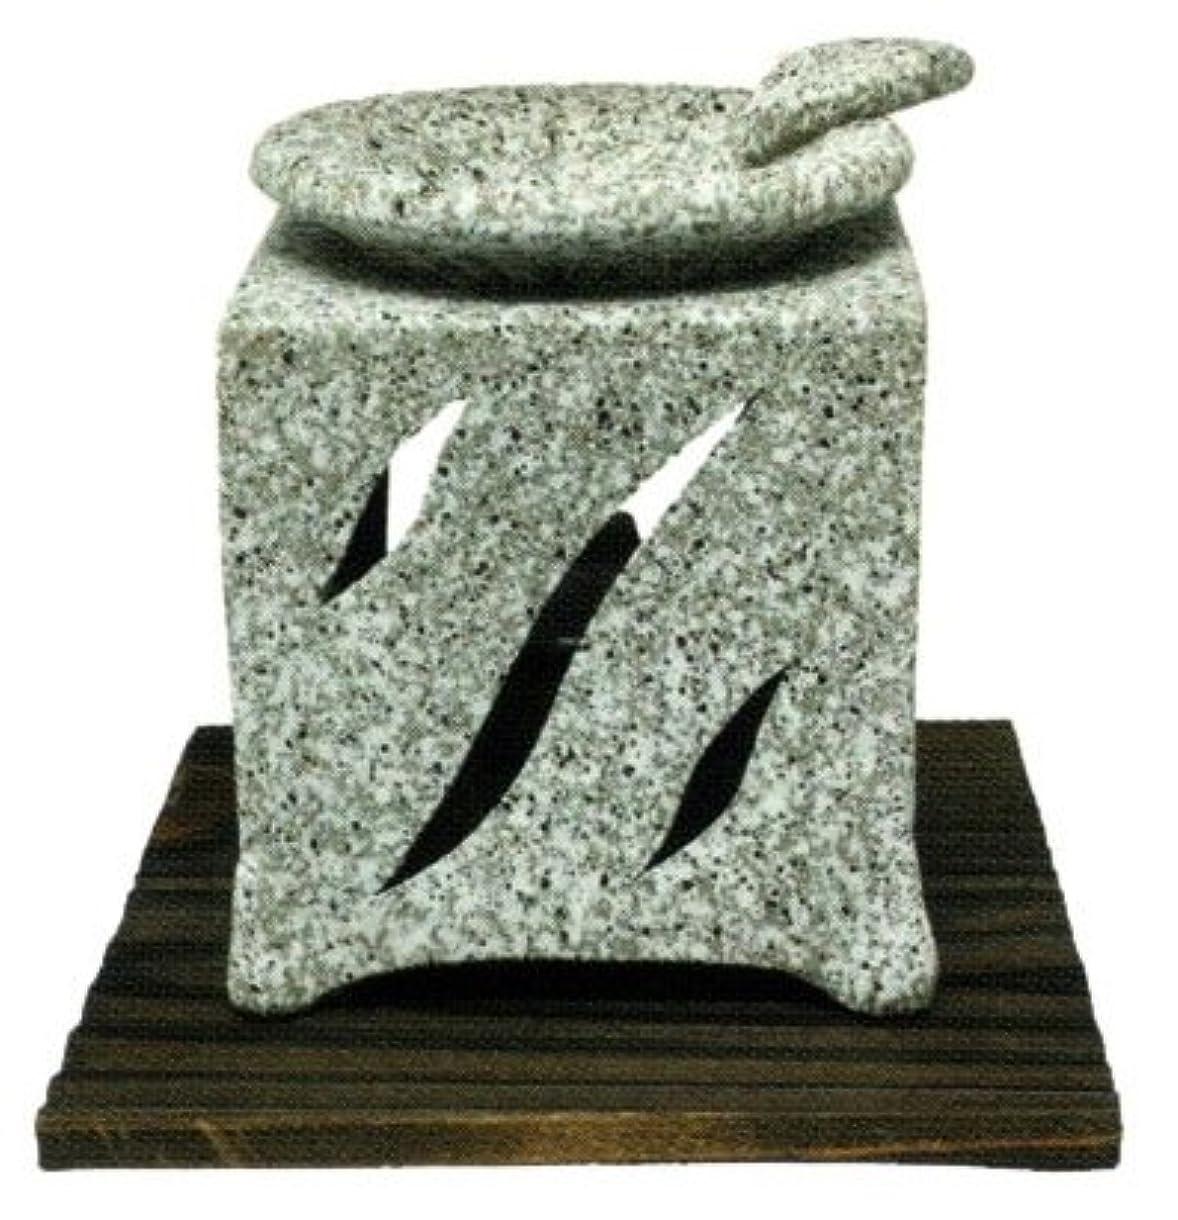 エクスタシー第五推測する常滑焼?山房窯 カ40-06 茶香炉 杉板付 約10.5×10.5×12.5cm